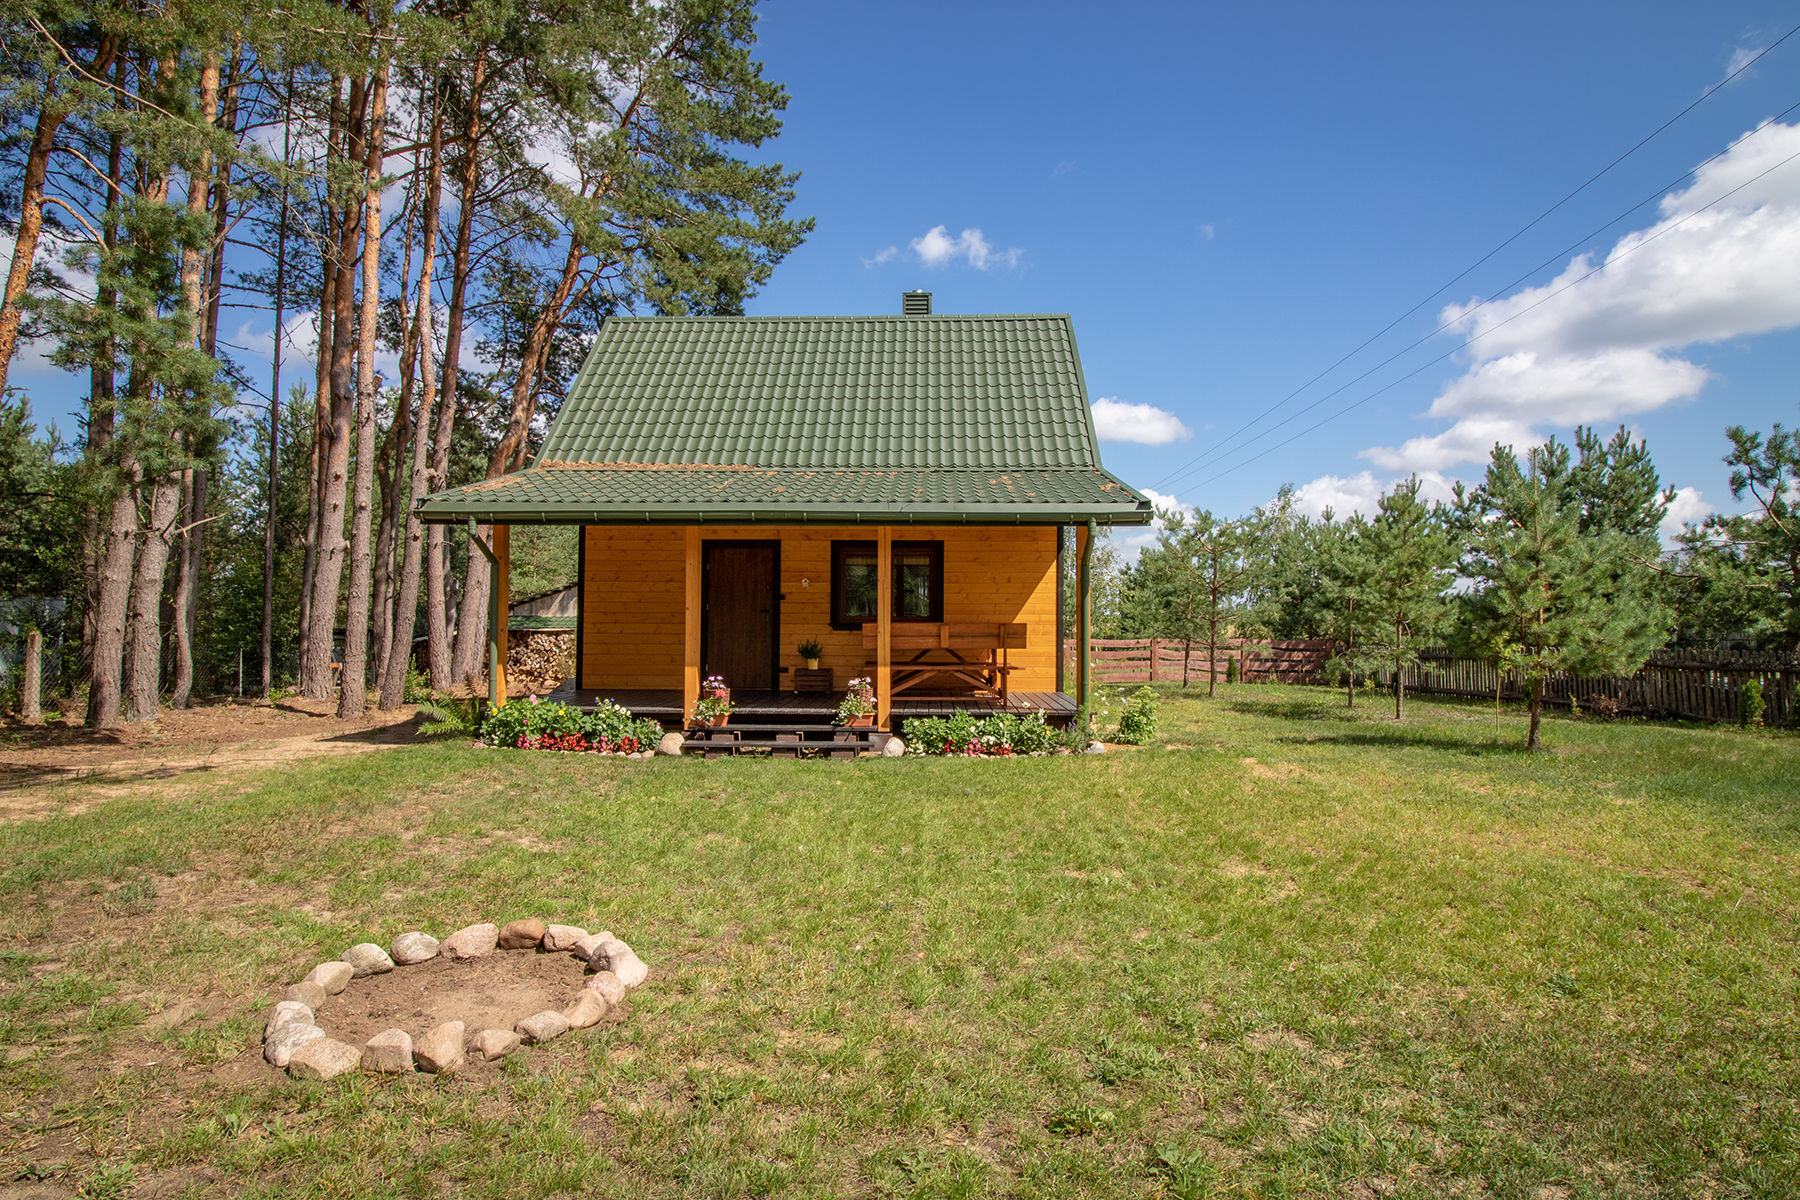 dom nad zalewem Siemianówka - dom południe